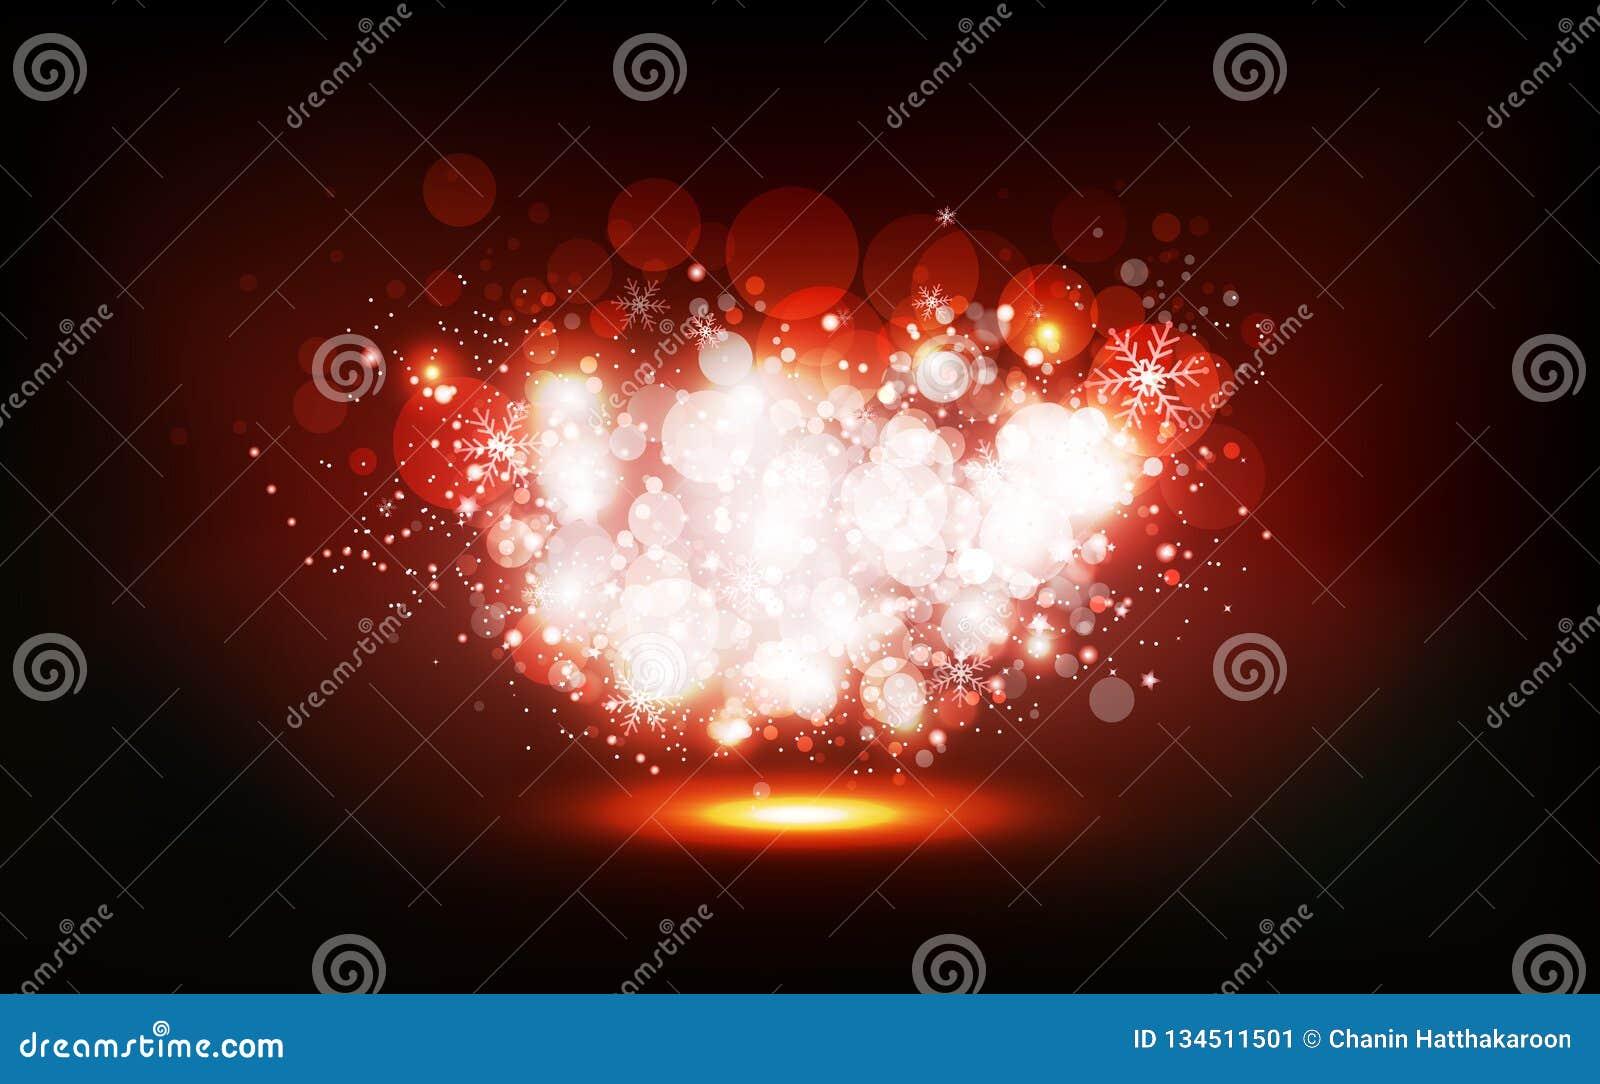 Jul vintern, stjärnor sprider för att skimra partiet för neonberömkonfettier, ljust damm som glöder, Bokeh oskarp abstrakt bakgru